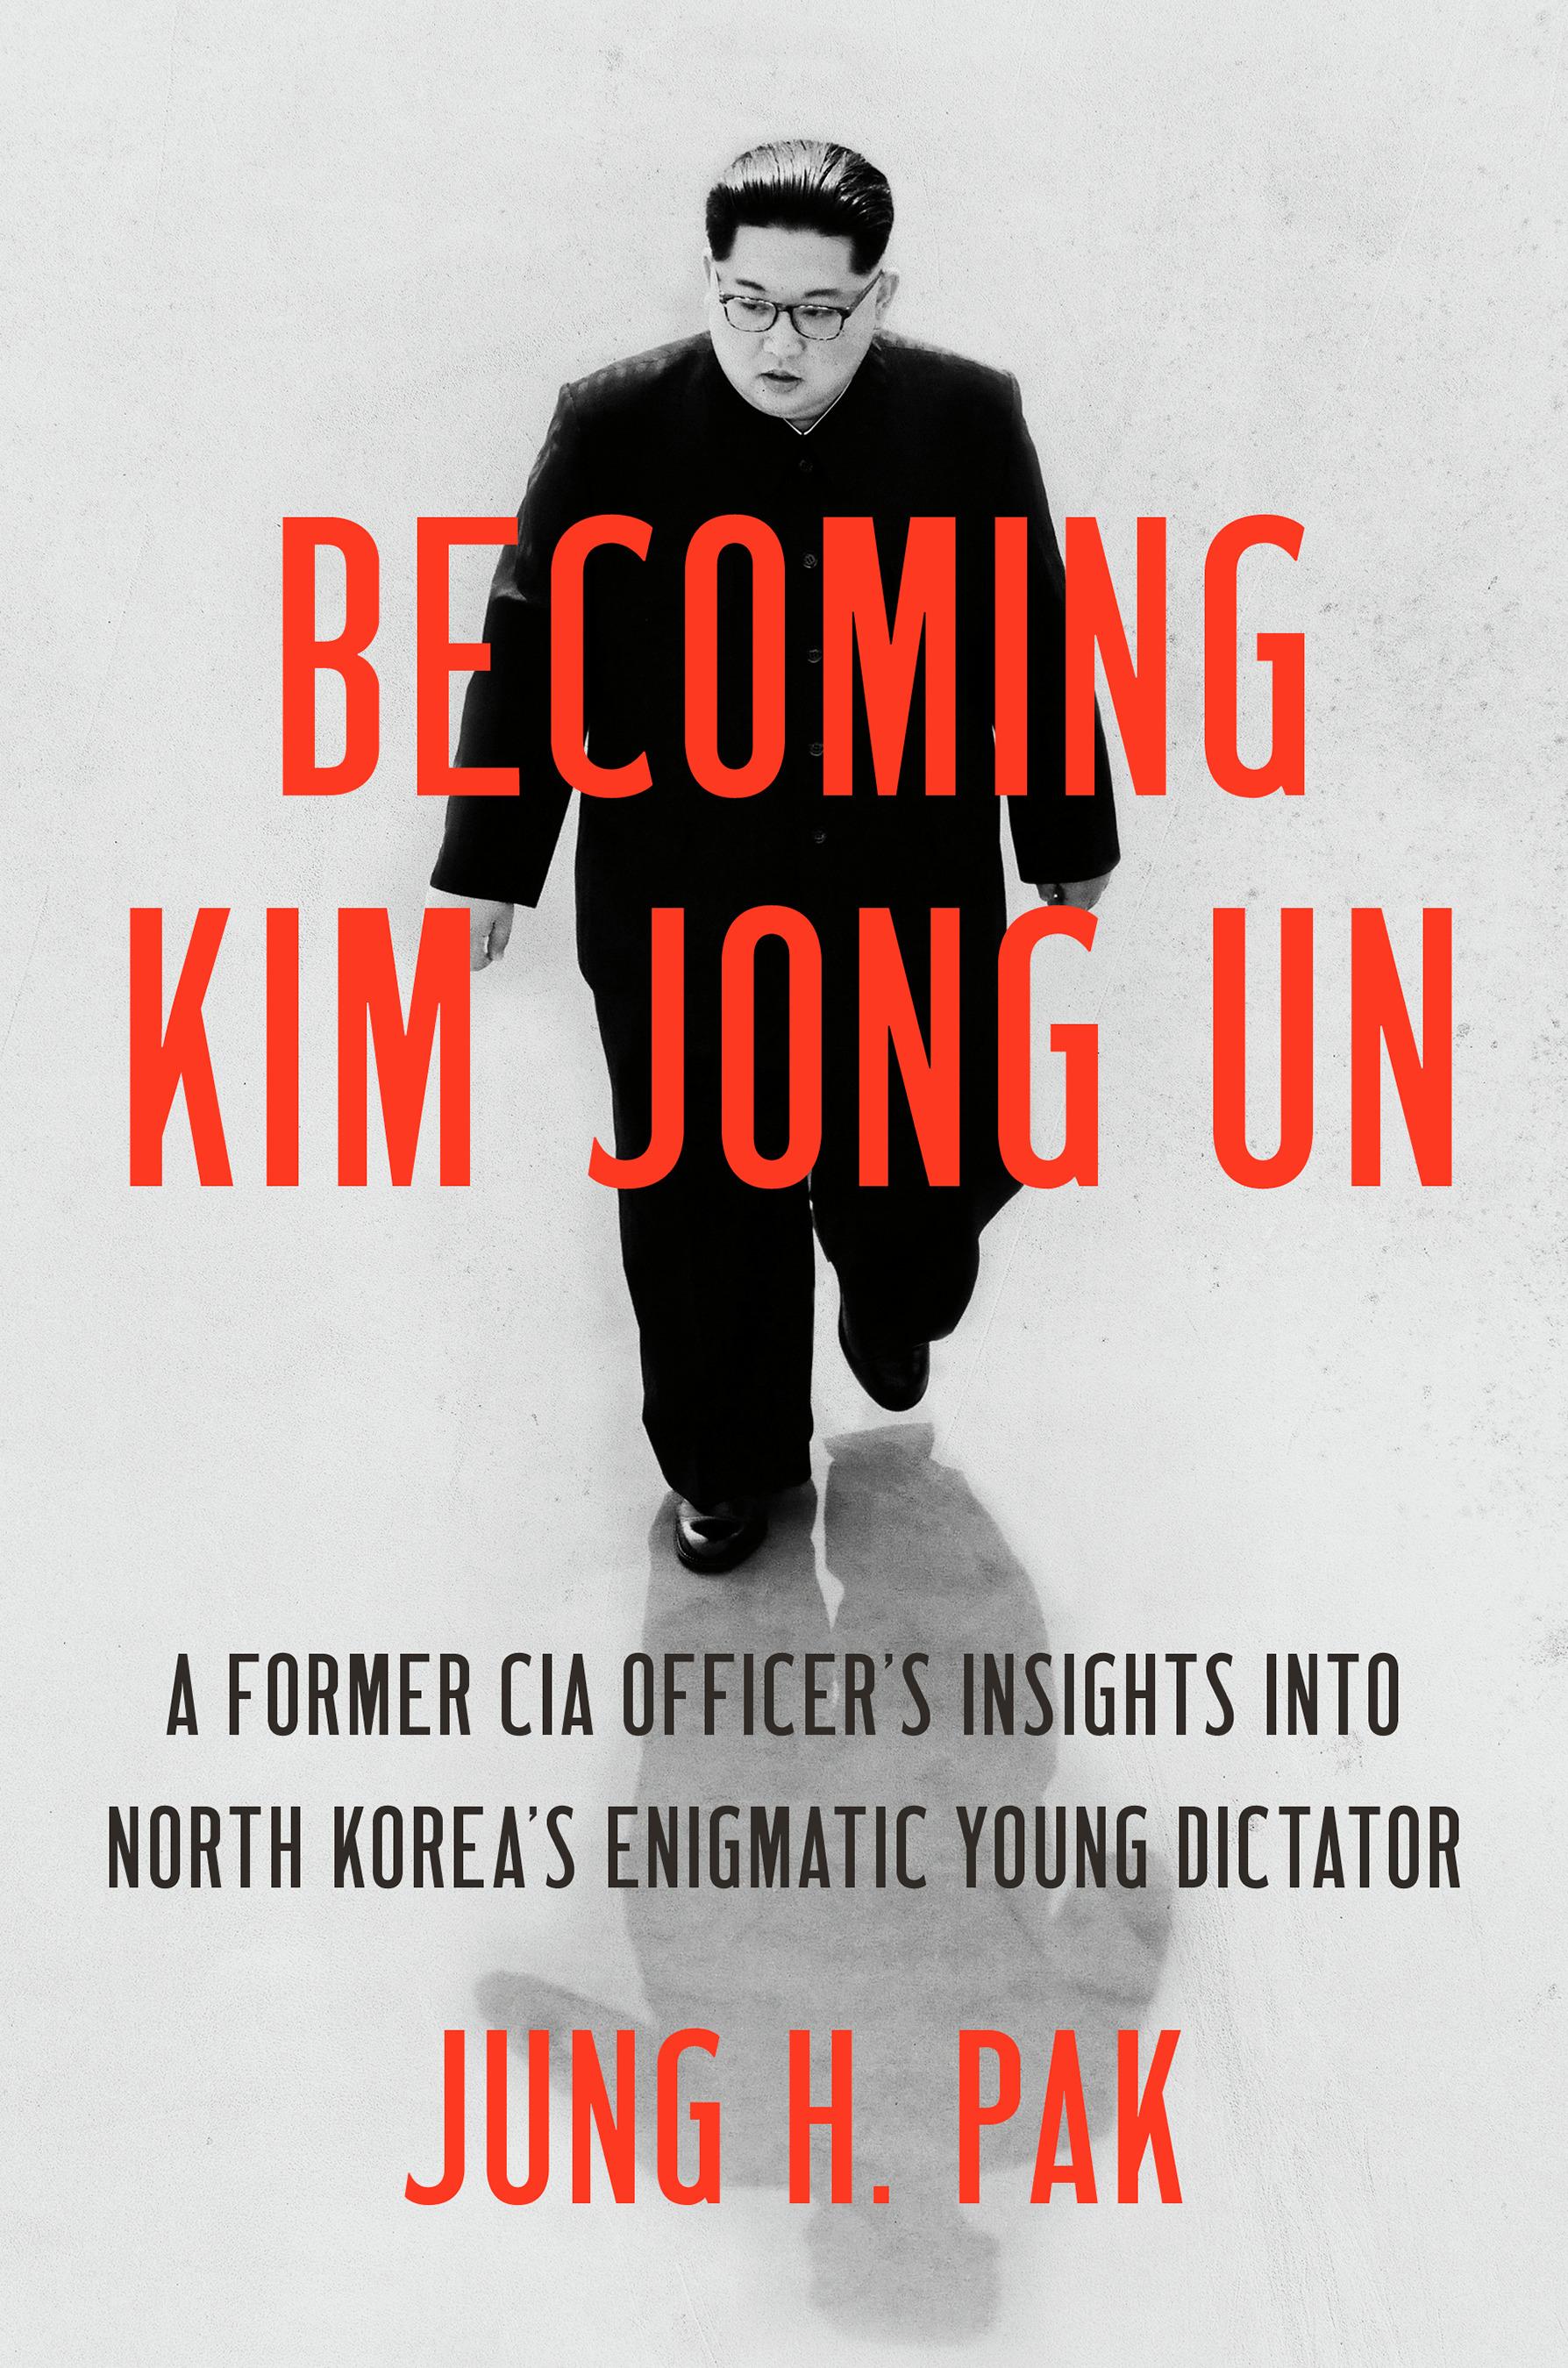 Becoming Kim Jong Un - Jung H. Pak